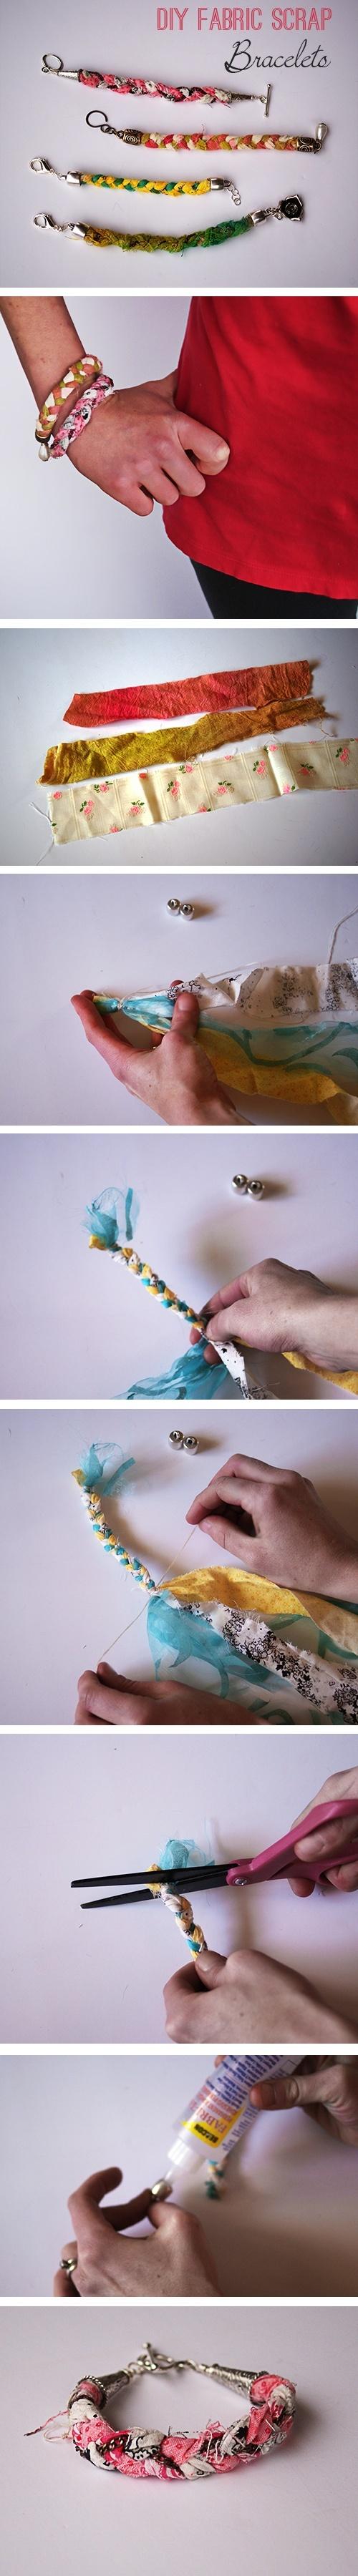 16 лучших идей DIY моды Ever